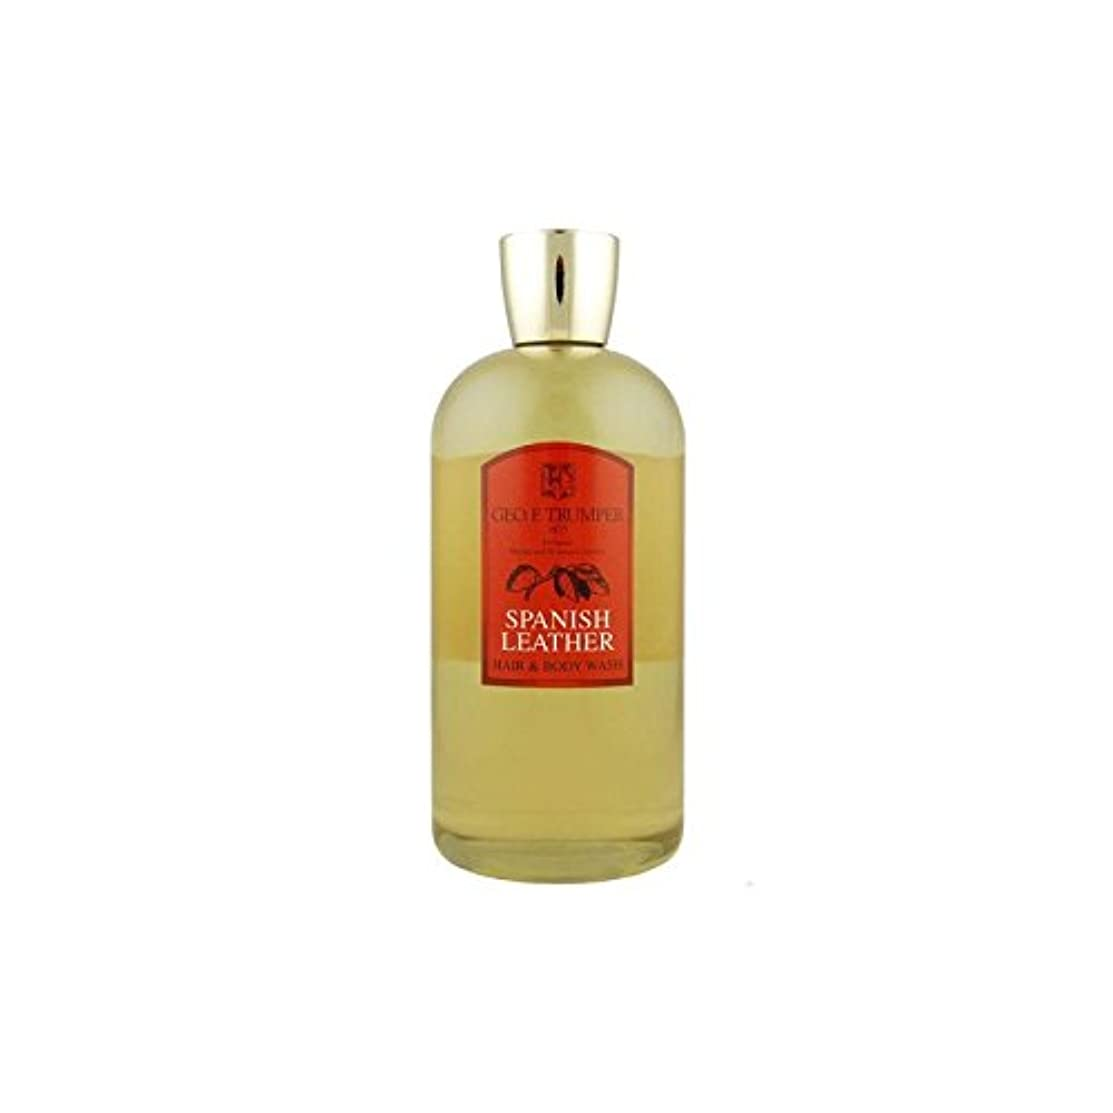 オーバードロー迷惑杭Trumpers Spanish Leather Hair and Body Wash - 500mlTravel Bottle (Pack of 6) - 革の髪とボディウォッシュスペイン語 - 500ボトル x6 [...